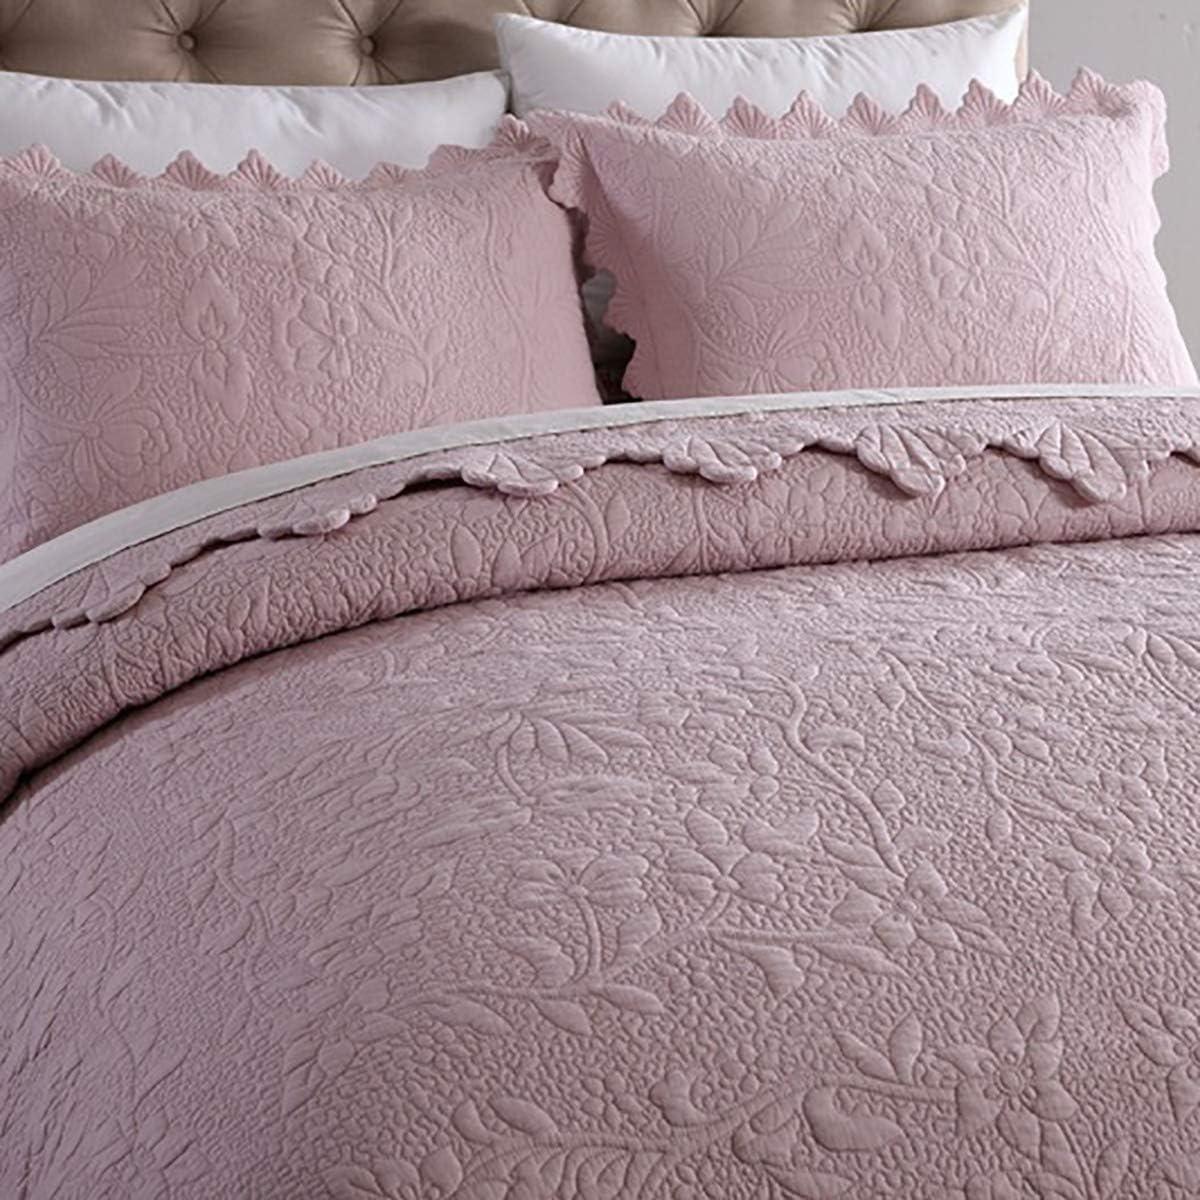 ZTMN Couvre-lit King Size (230 * 250cm) avec 2 taies d'oreiller (50 * 70cm), Couleur Unie brodé Flipable été avec 2 taies d'oreiller Couvertures, Rose, 230 Pink